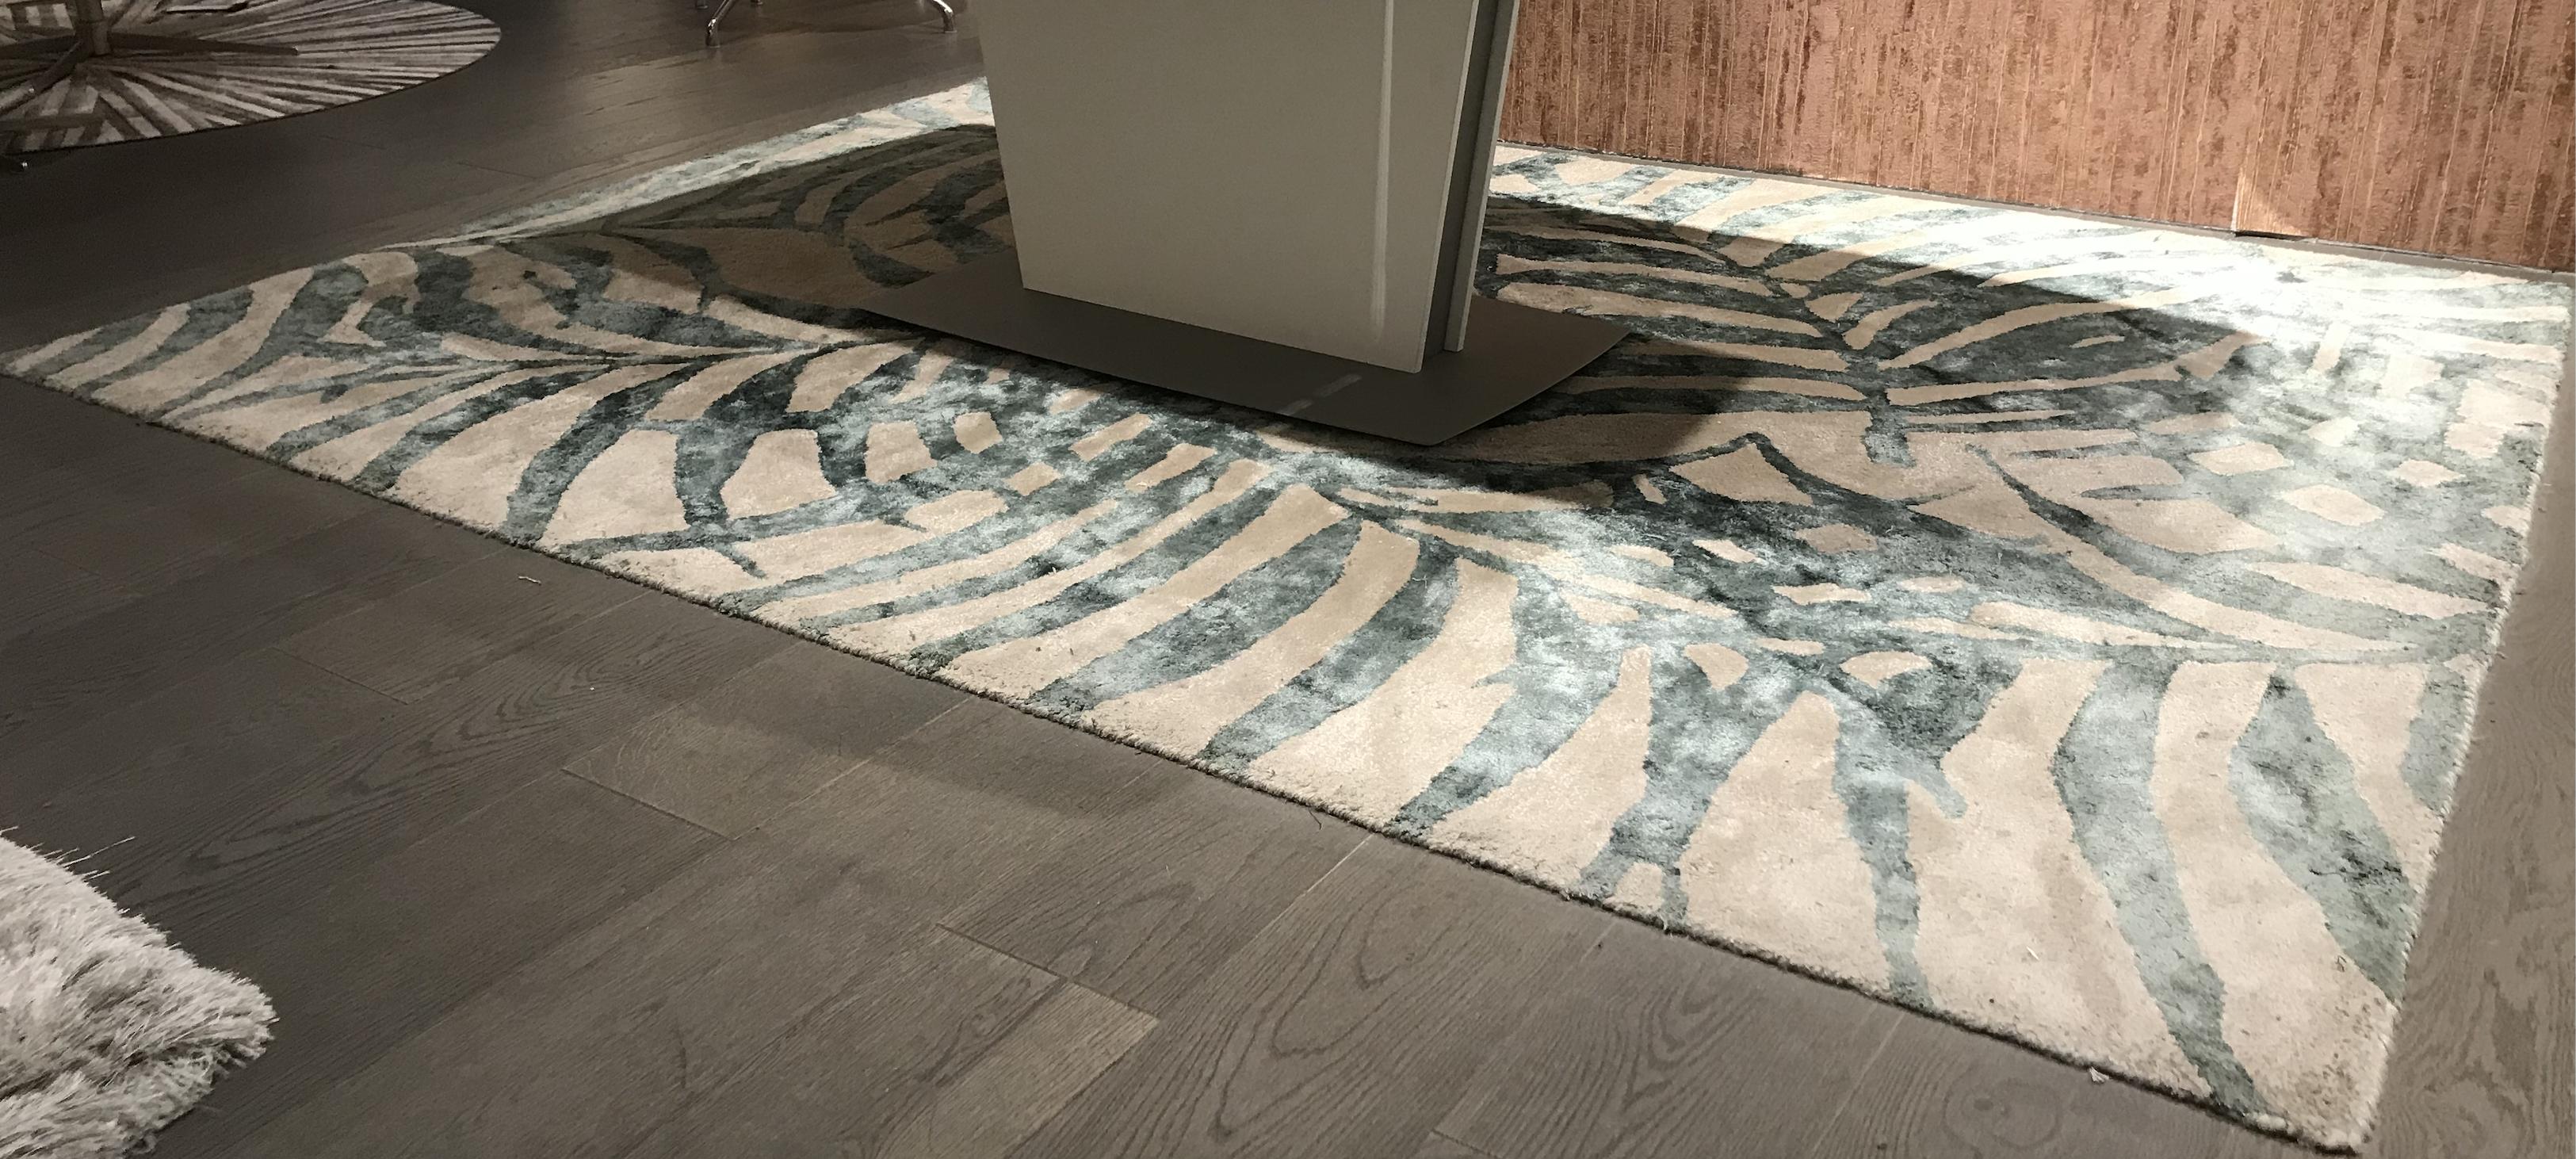 Dax rug